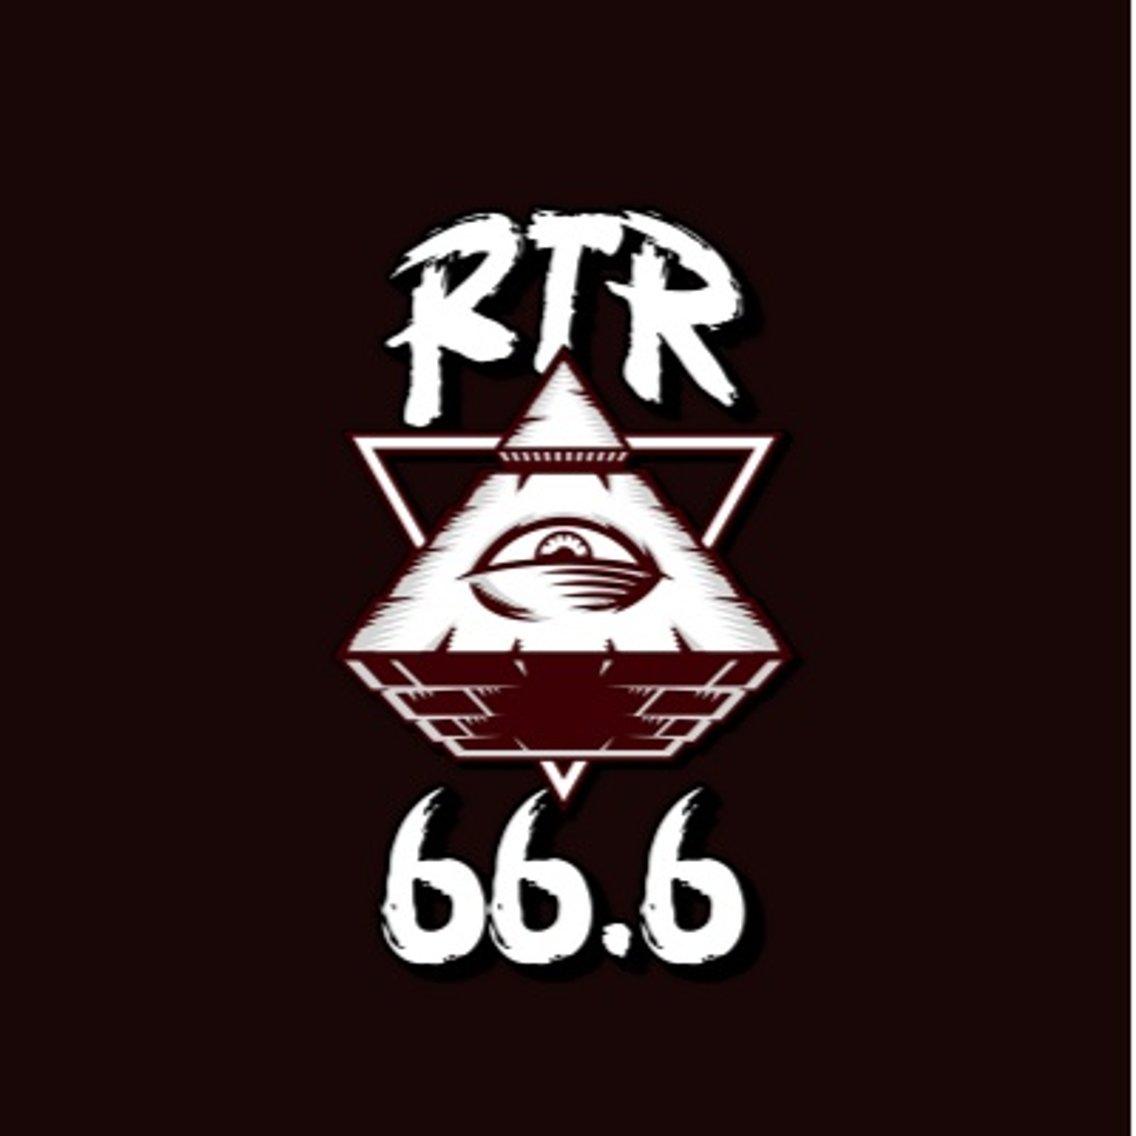 RTR - 66.6 - Tracks - immagine di copertina